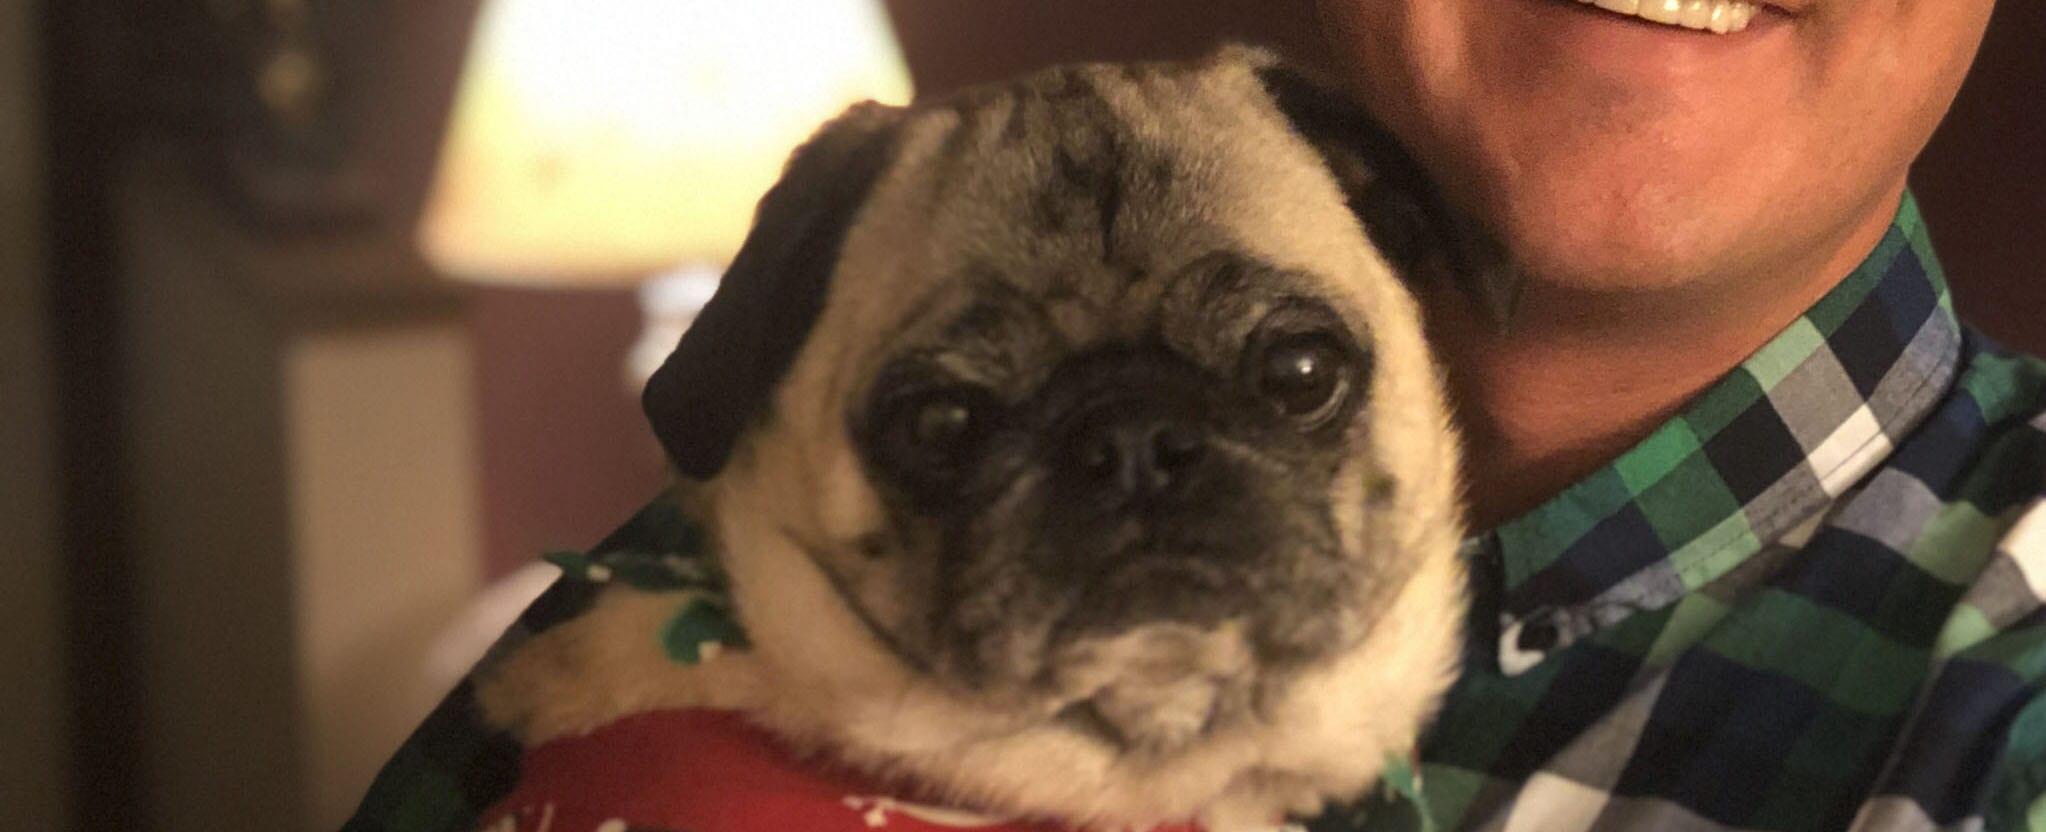 Meet the pets: Walter